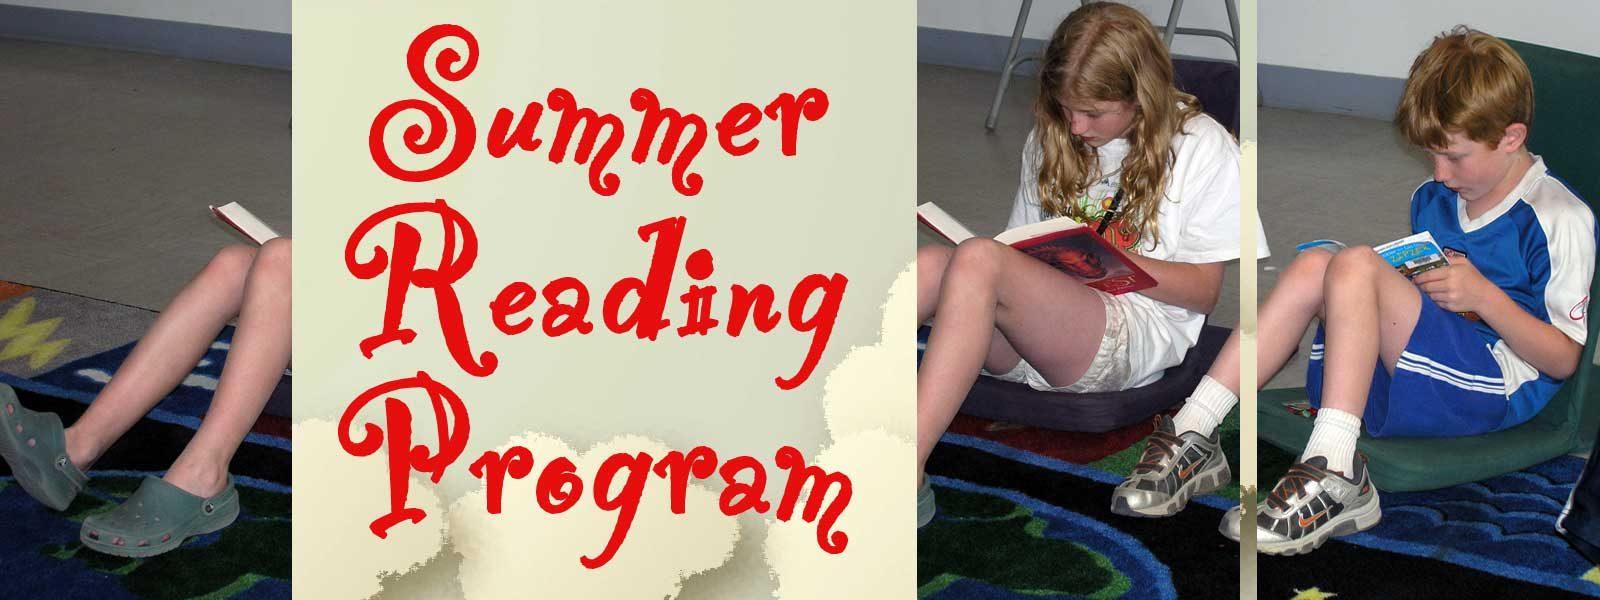 Summer-Reading-Program-slide